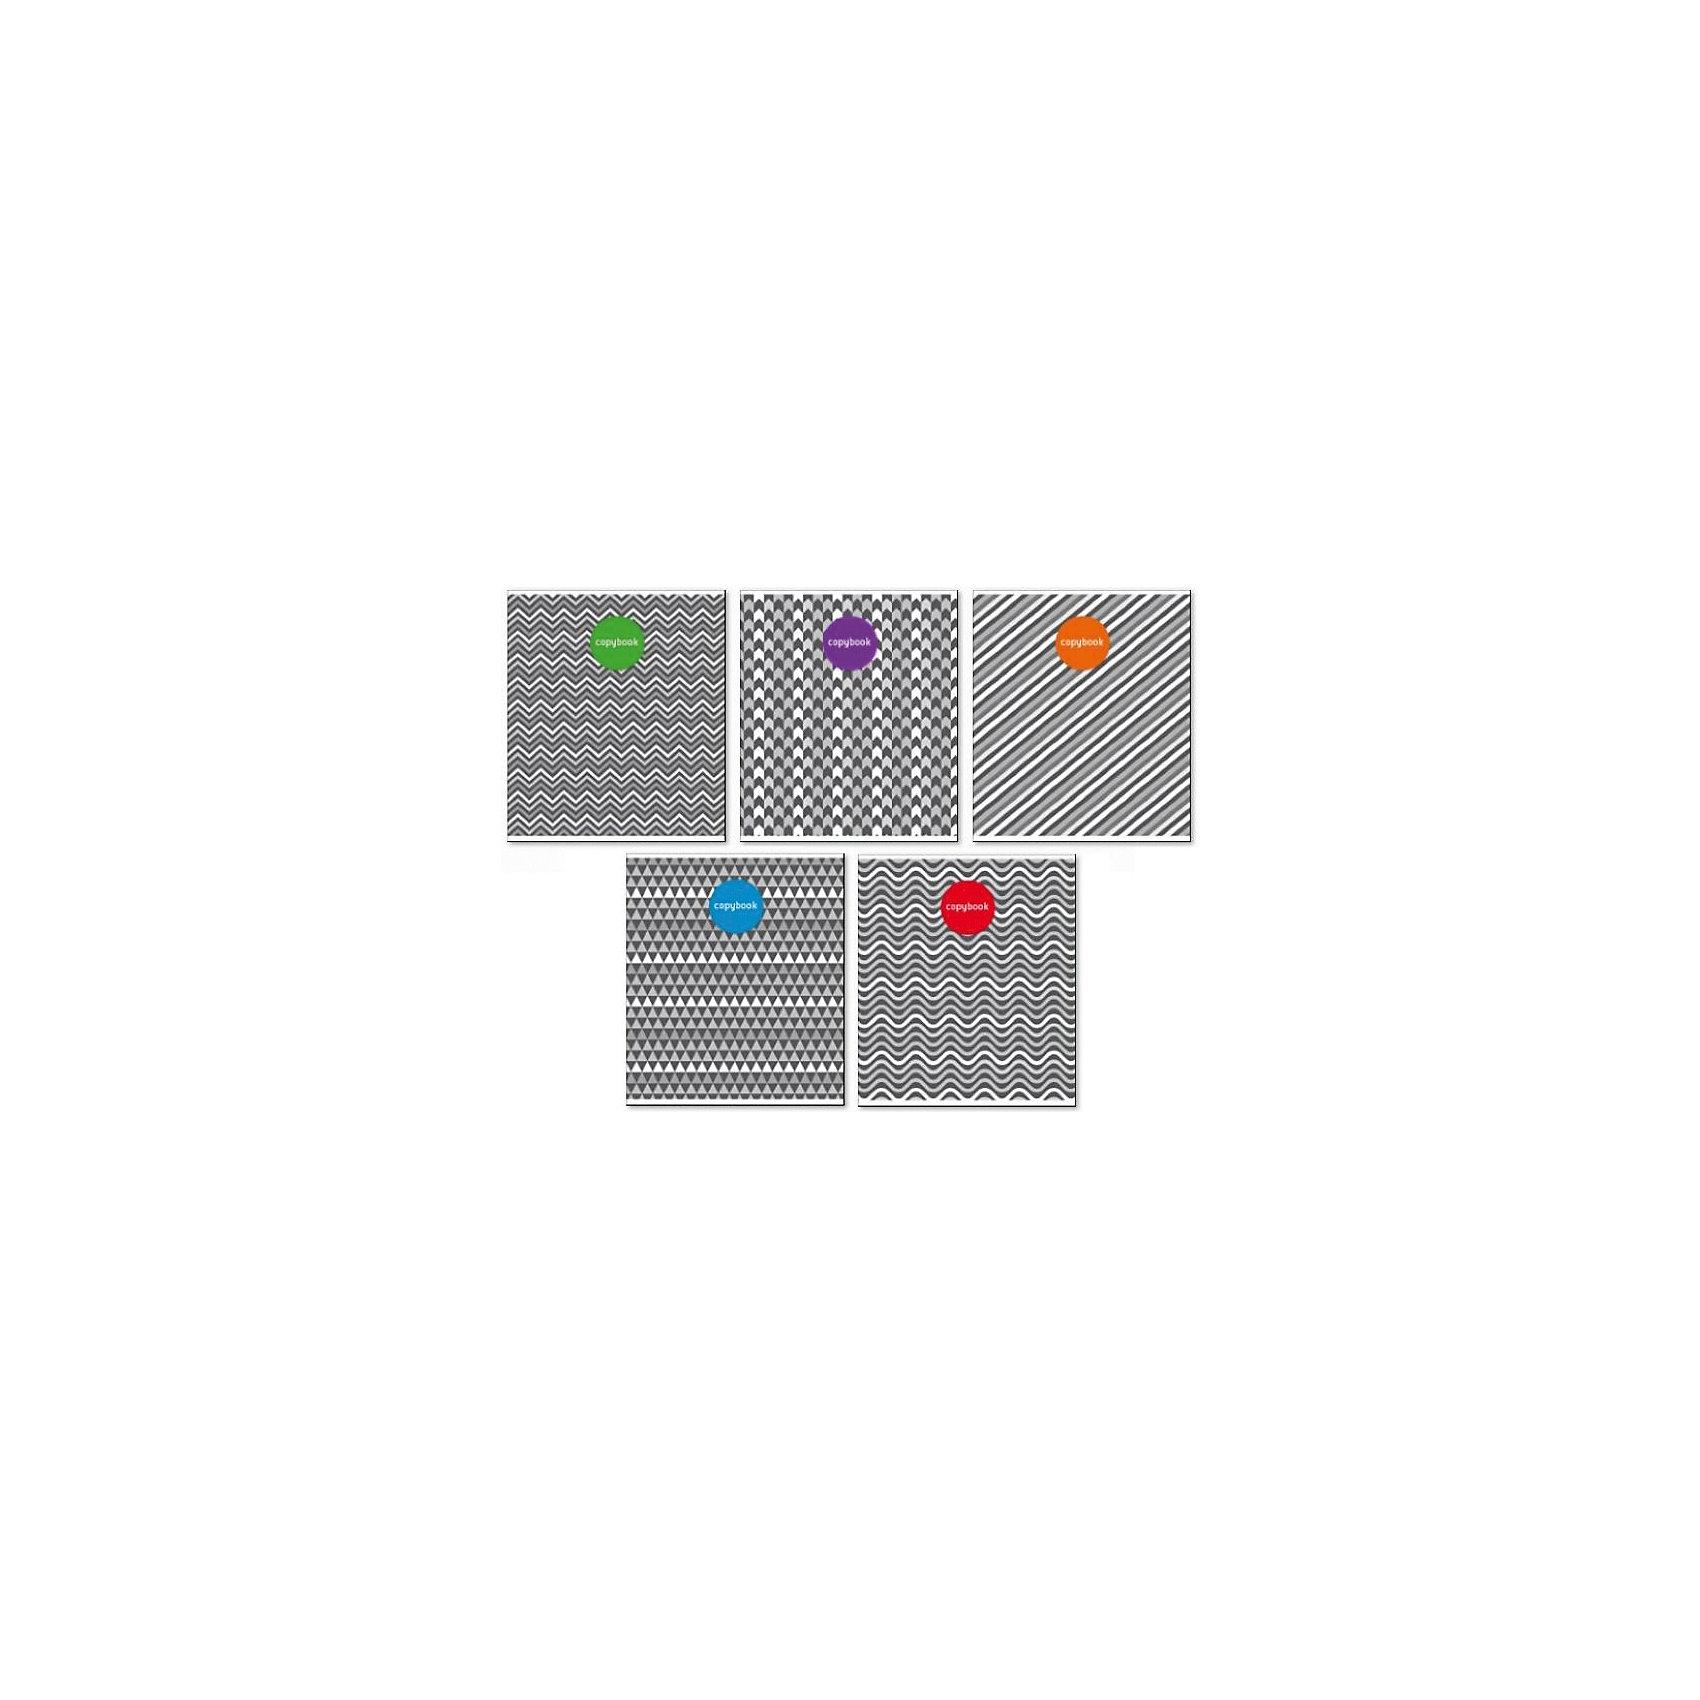 Тетрадь 48 листов Монохромная фактура  Феникс+,Бумажная продукция<br>Тетрадь 48 л.  МОНОХРОМНАЯ ФАКТУРА /на скрепке, выб.УФ-лак+твин лак, внутр.блок клетка, упак.- ассорти/<br><br>Ширина мм: 205<br>Глубина мм: 165<br>Высота мм: 5<br>Вес г: 108<br>Возраст от месяцев: 72<br>Возраст до месяцев: 2147483647<br>Пол: Унисекс<br>Возраст: Детский<br>SKU: 7046452